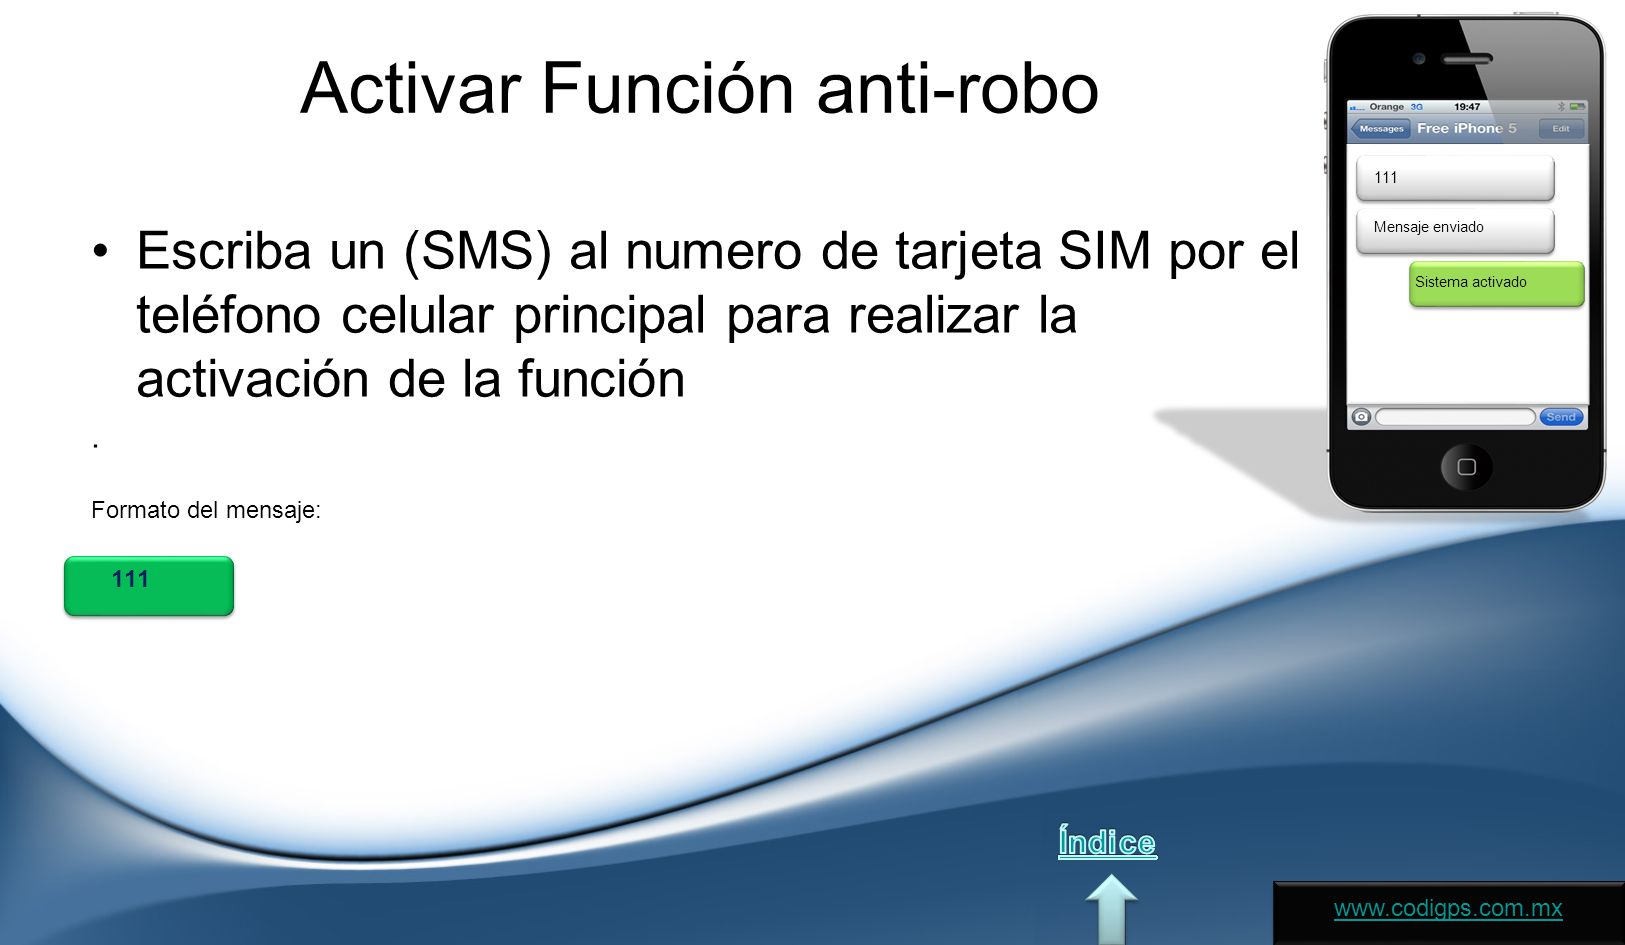 Activar Función anti-robo